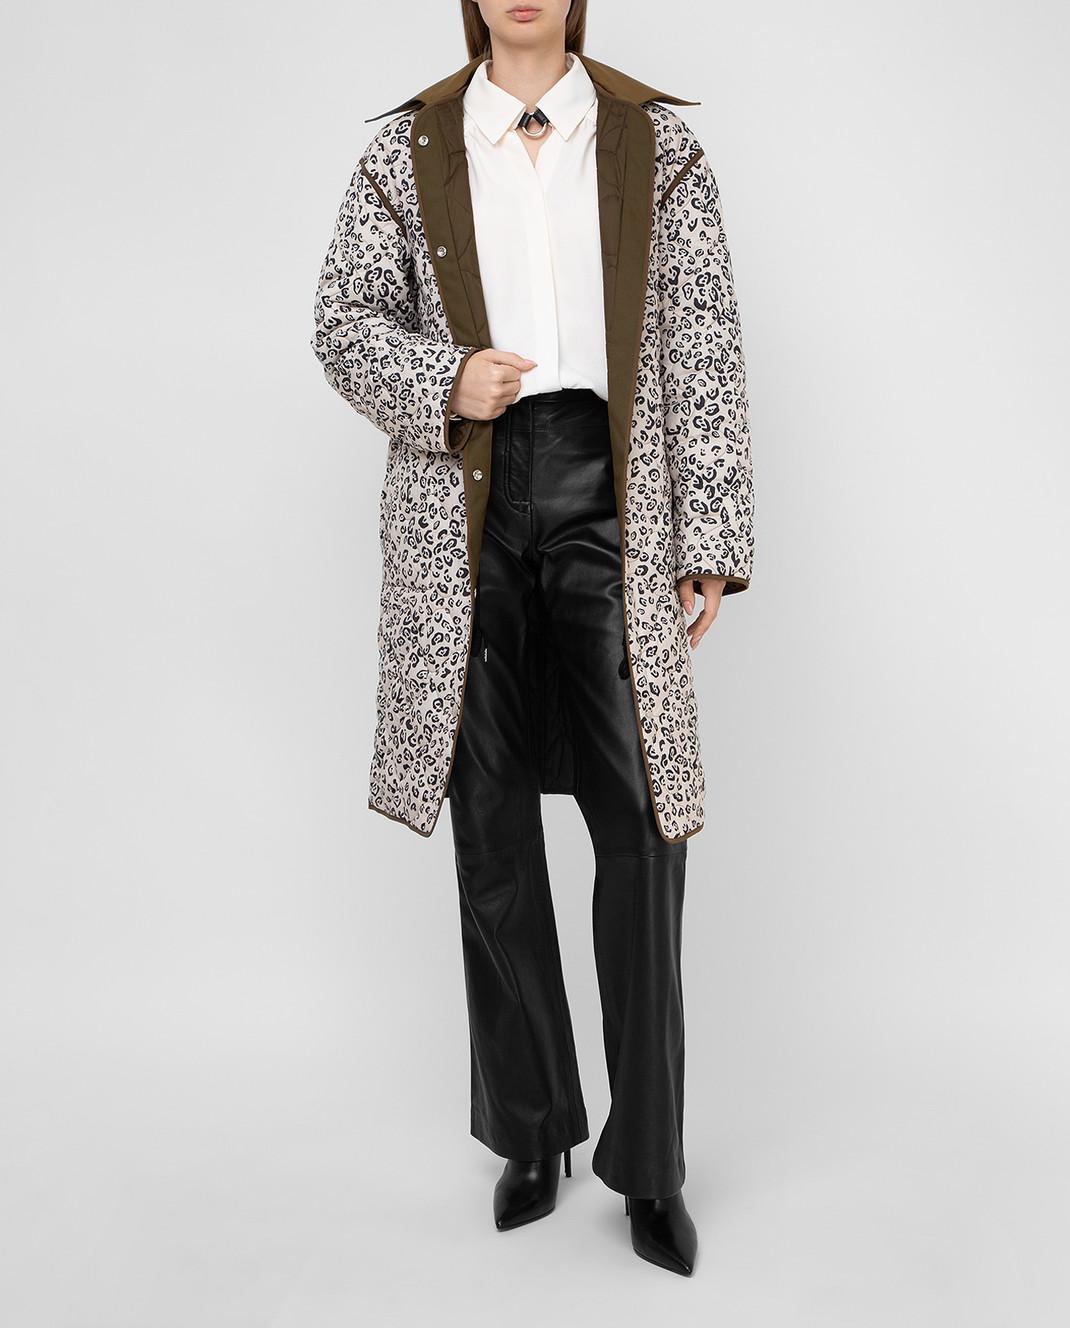 Altuzarra Двухсторонняя куртка 318104805 изображение 2